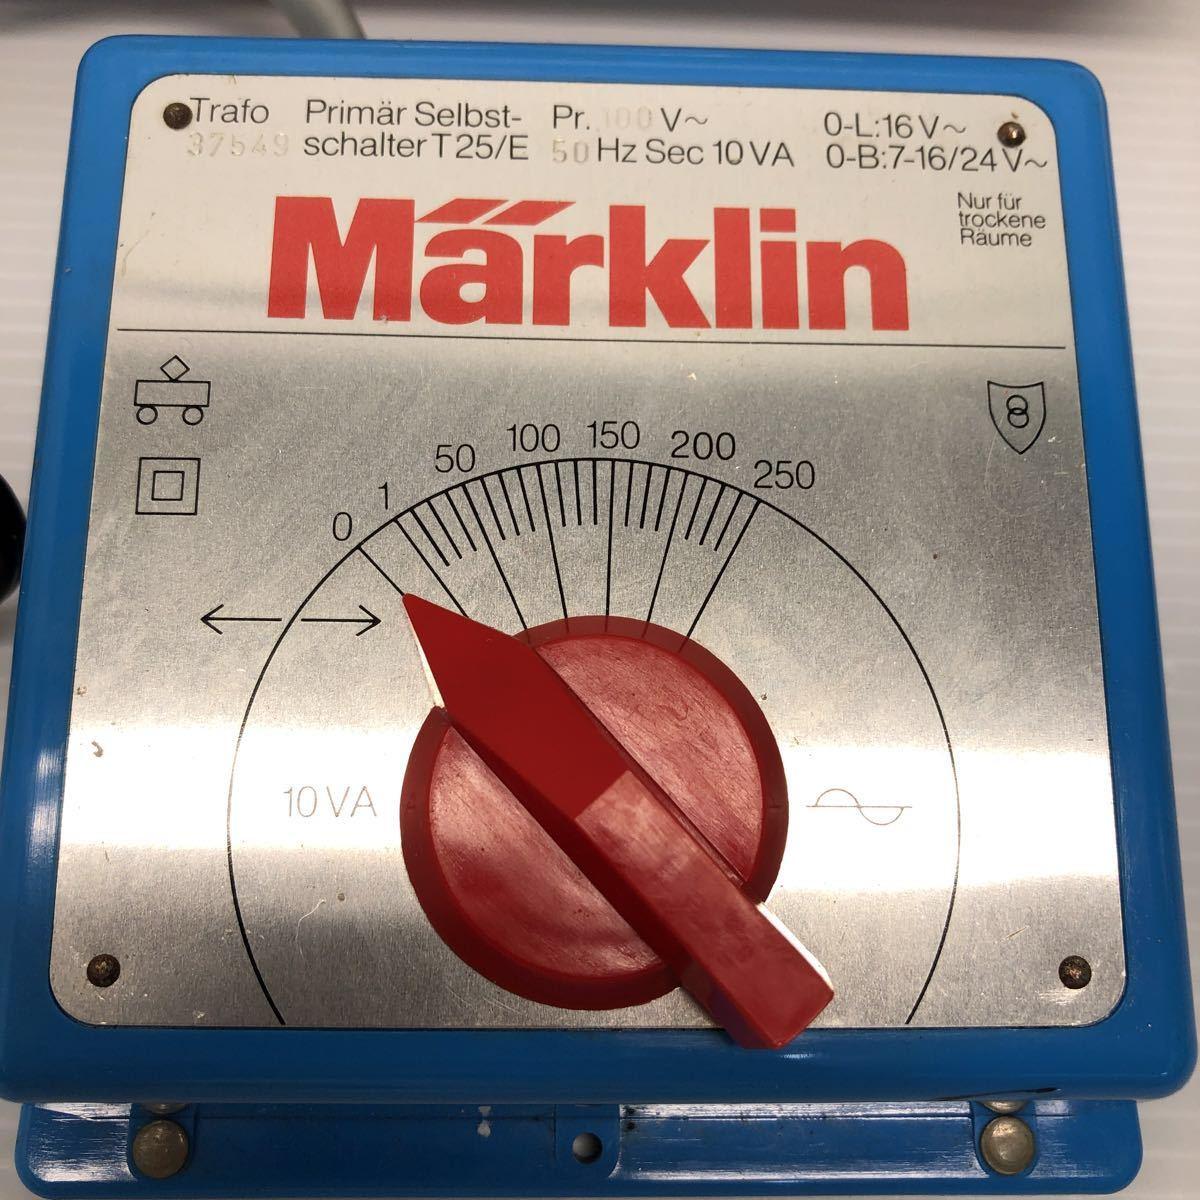 Marklin メルクリン 鉄道模型 SET-HO S 2929 ポイントレール 基本セット ドイツ製 1円スタート 動作未確認 ジャンク扱い_画像7